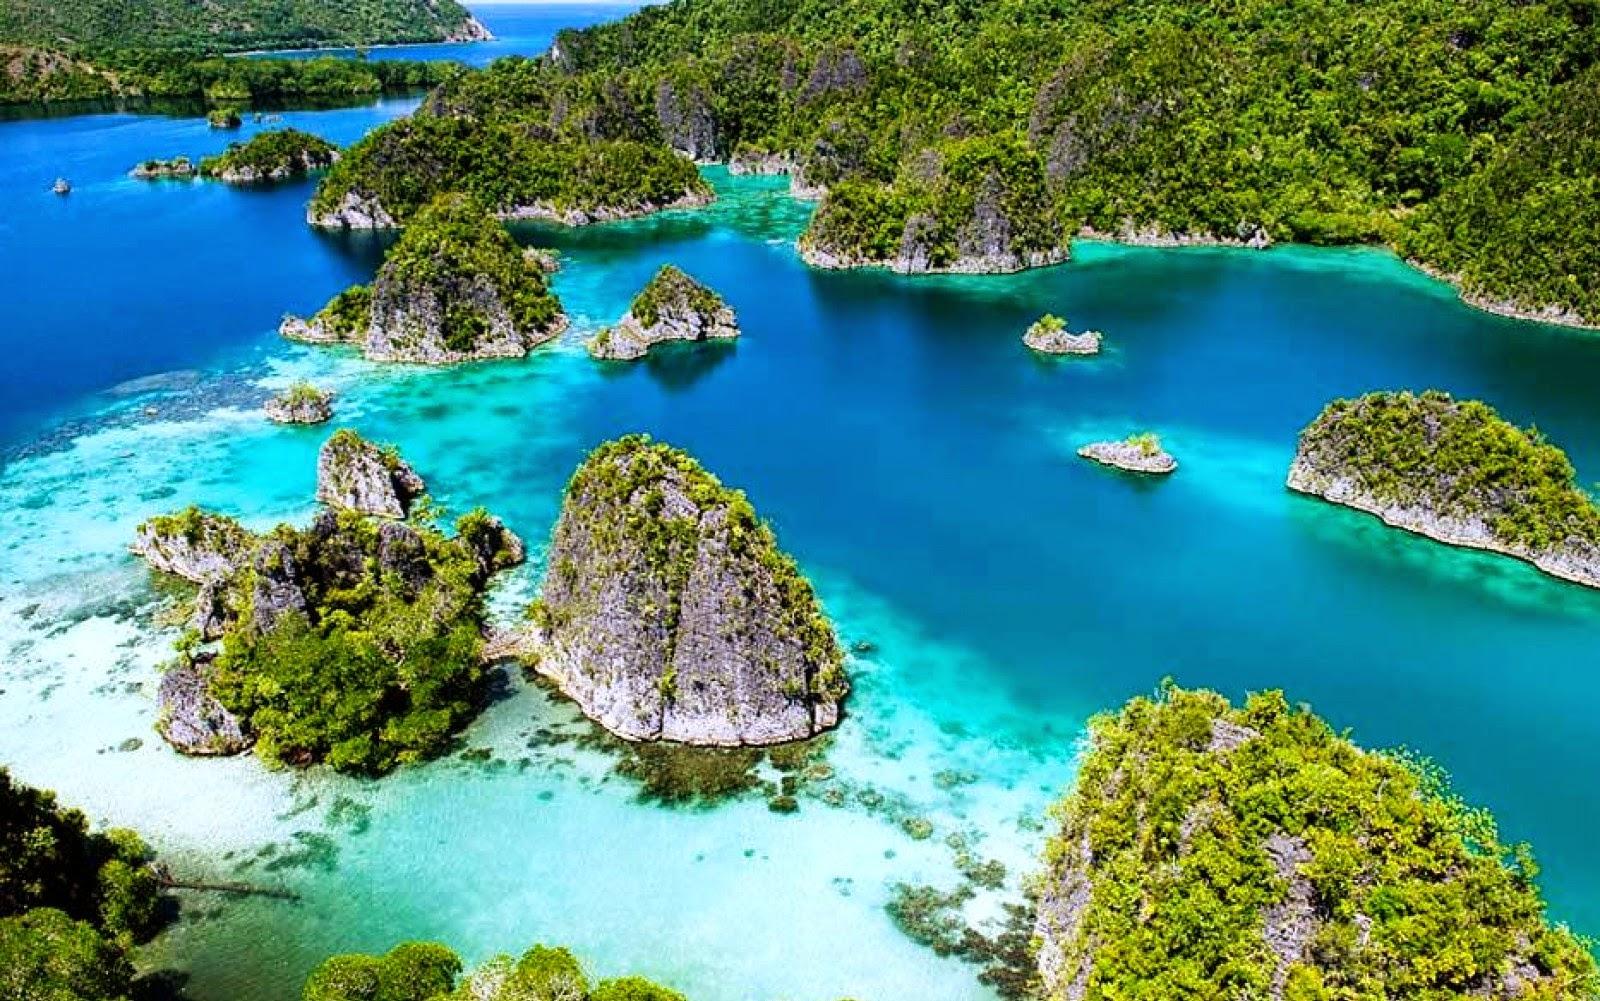 Wisata Kepulauan Raja Ampat